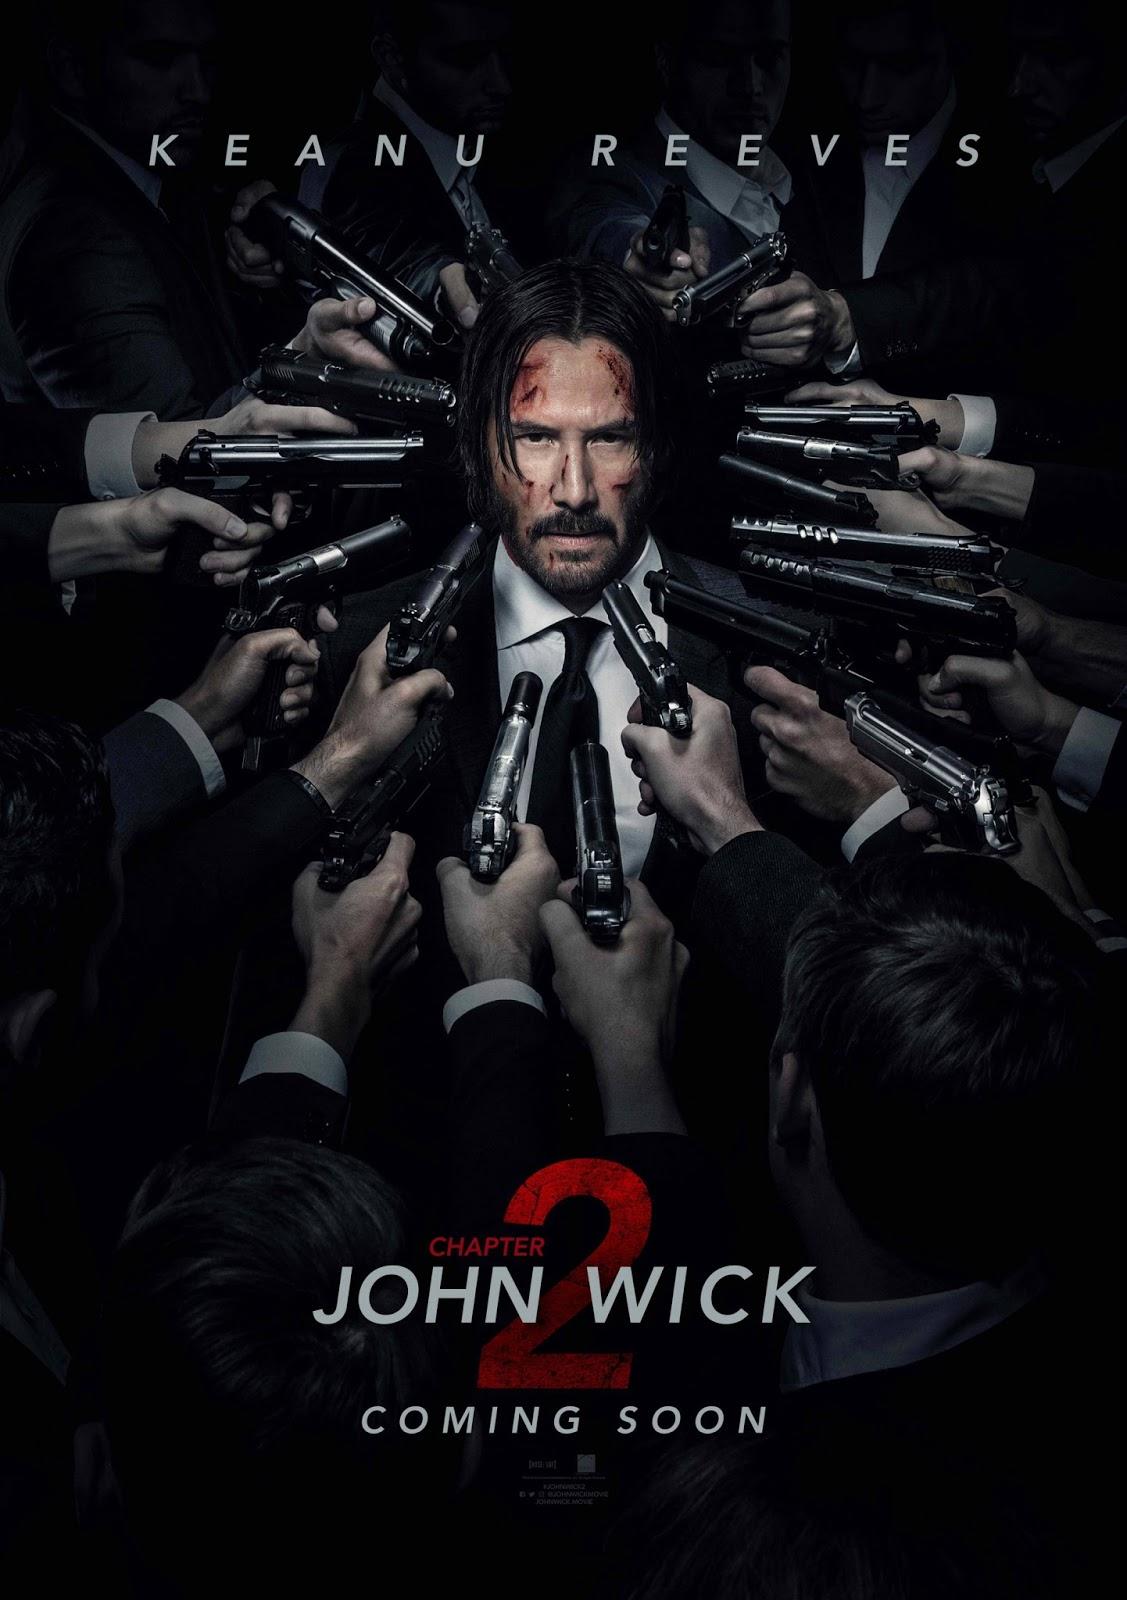 ตัวอย่างหนังใหม่ -John Wick: Chapter Two (แรงกว่านรก 2) ซับไทย poster 2